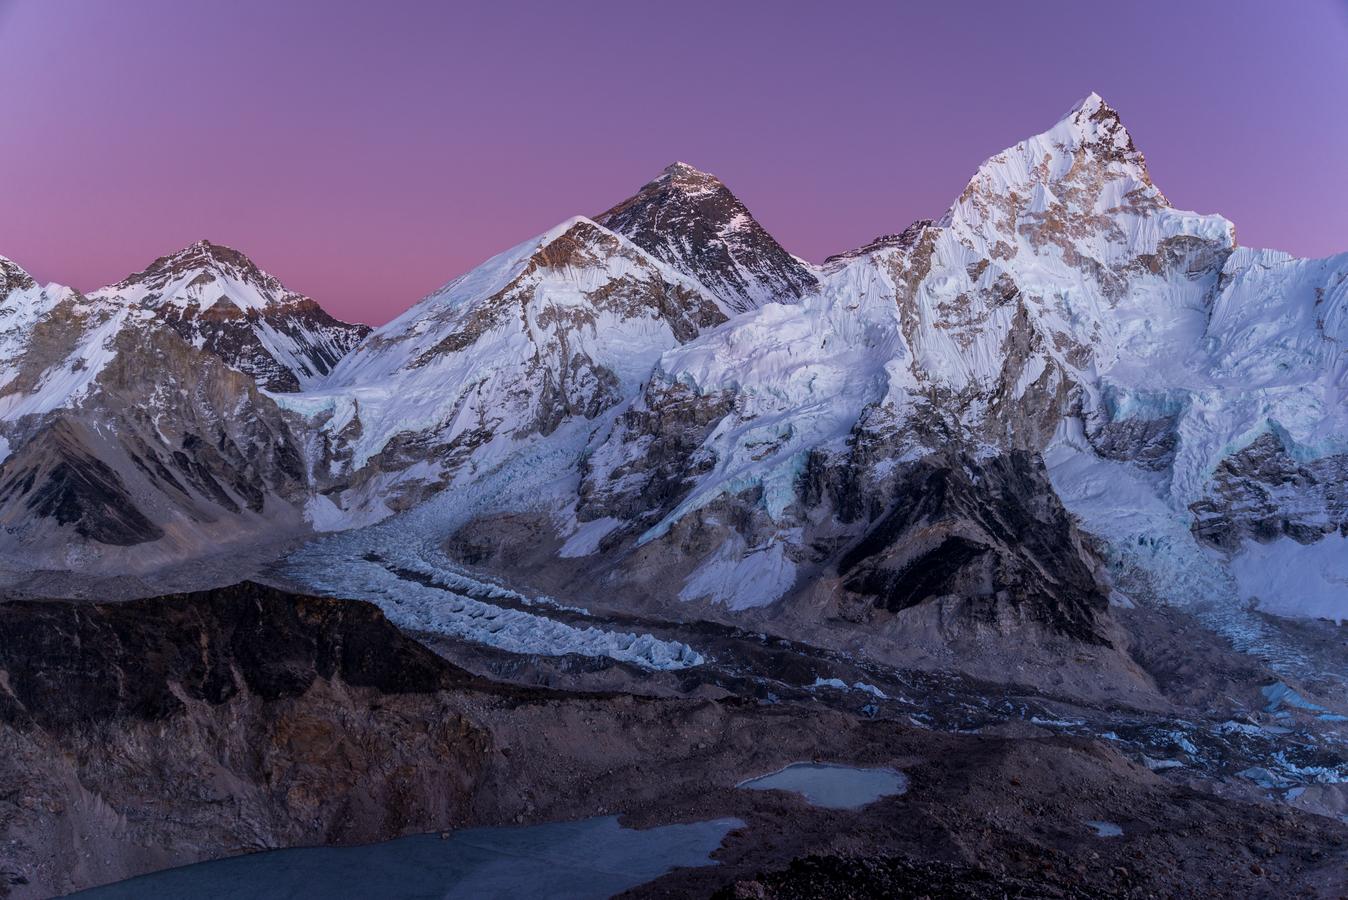 Fialová obloha nad Everestem